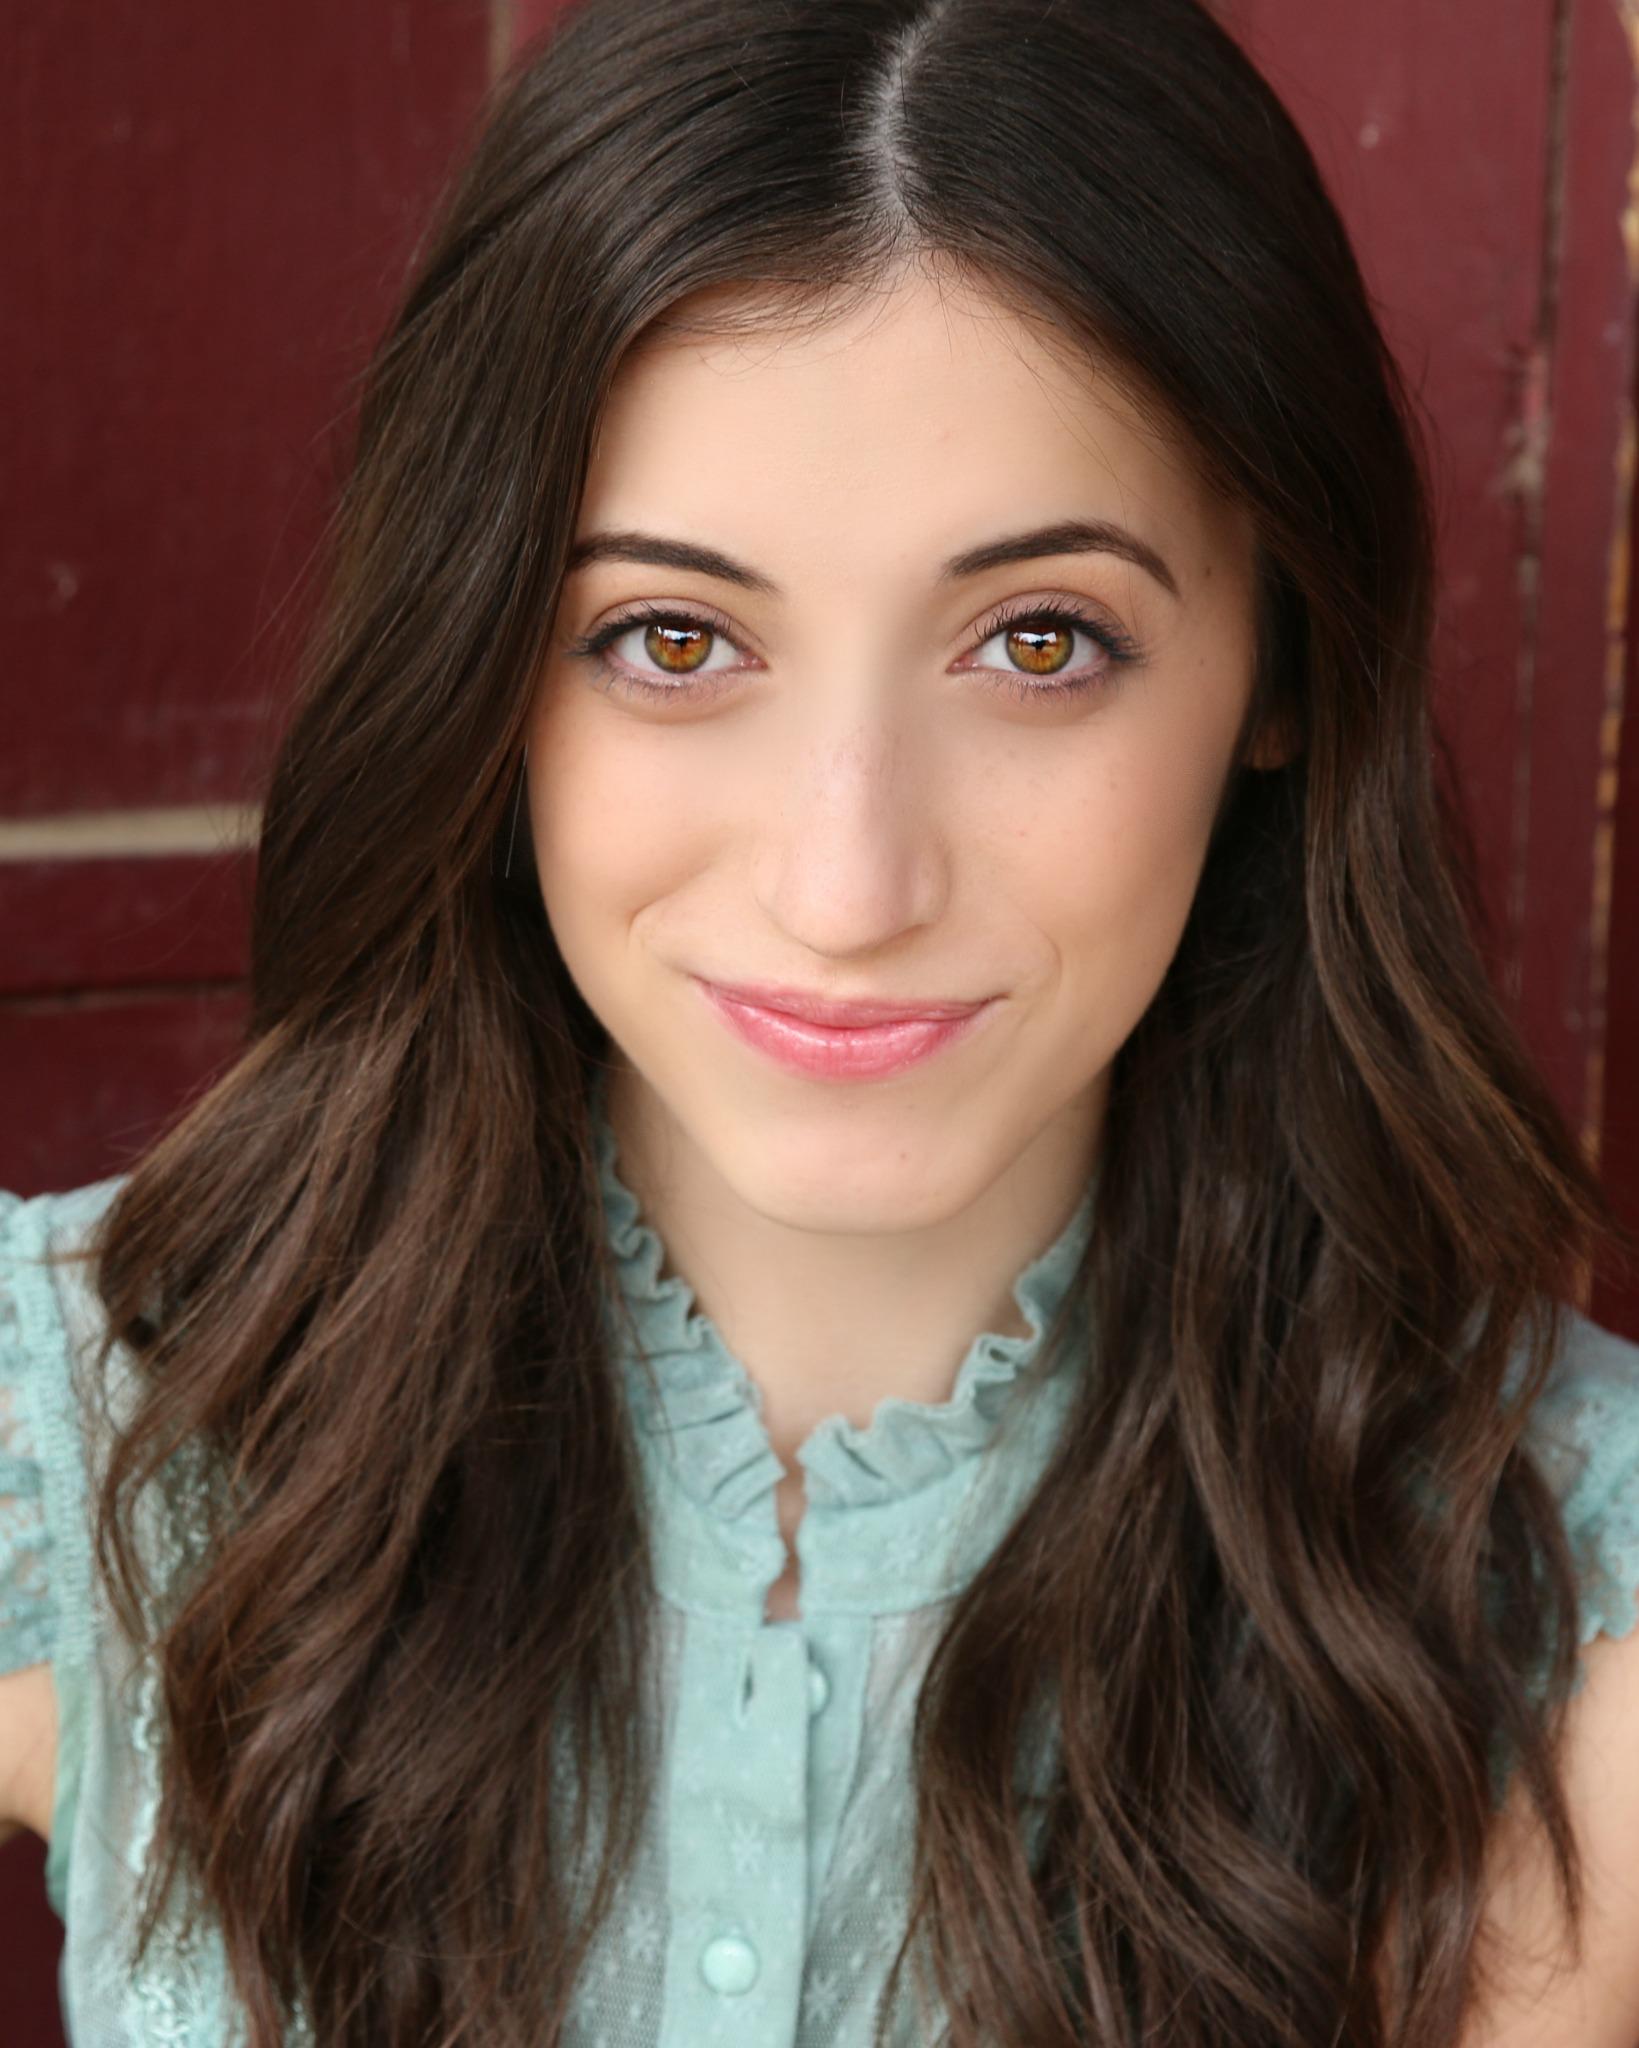 Jenna IMG_5946